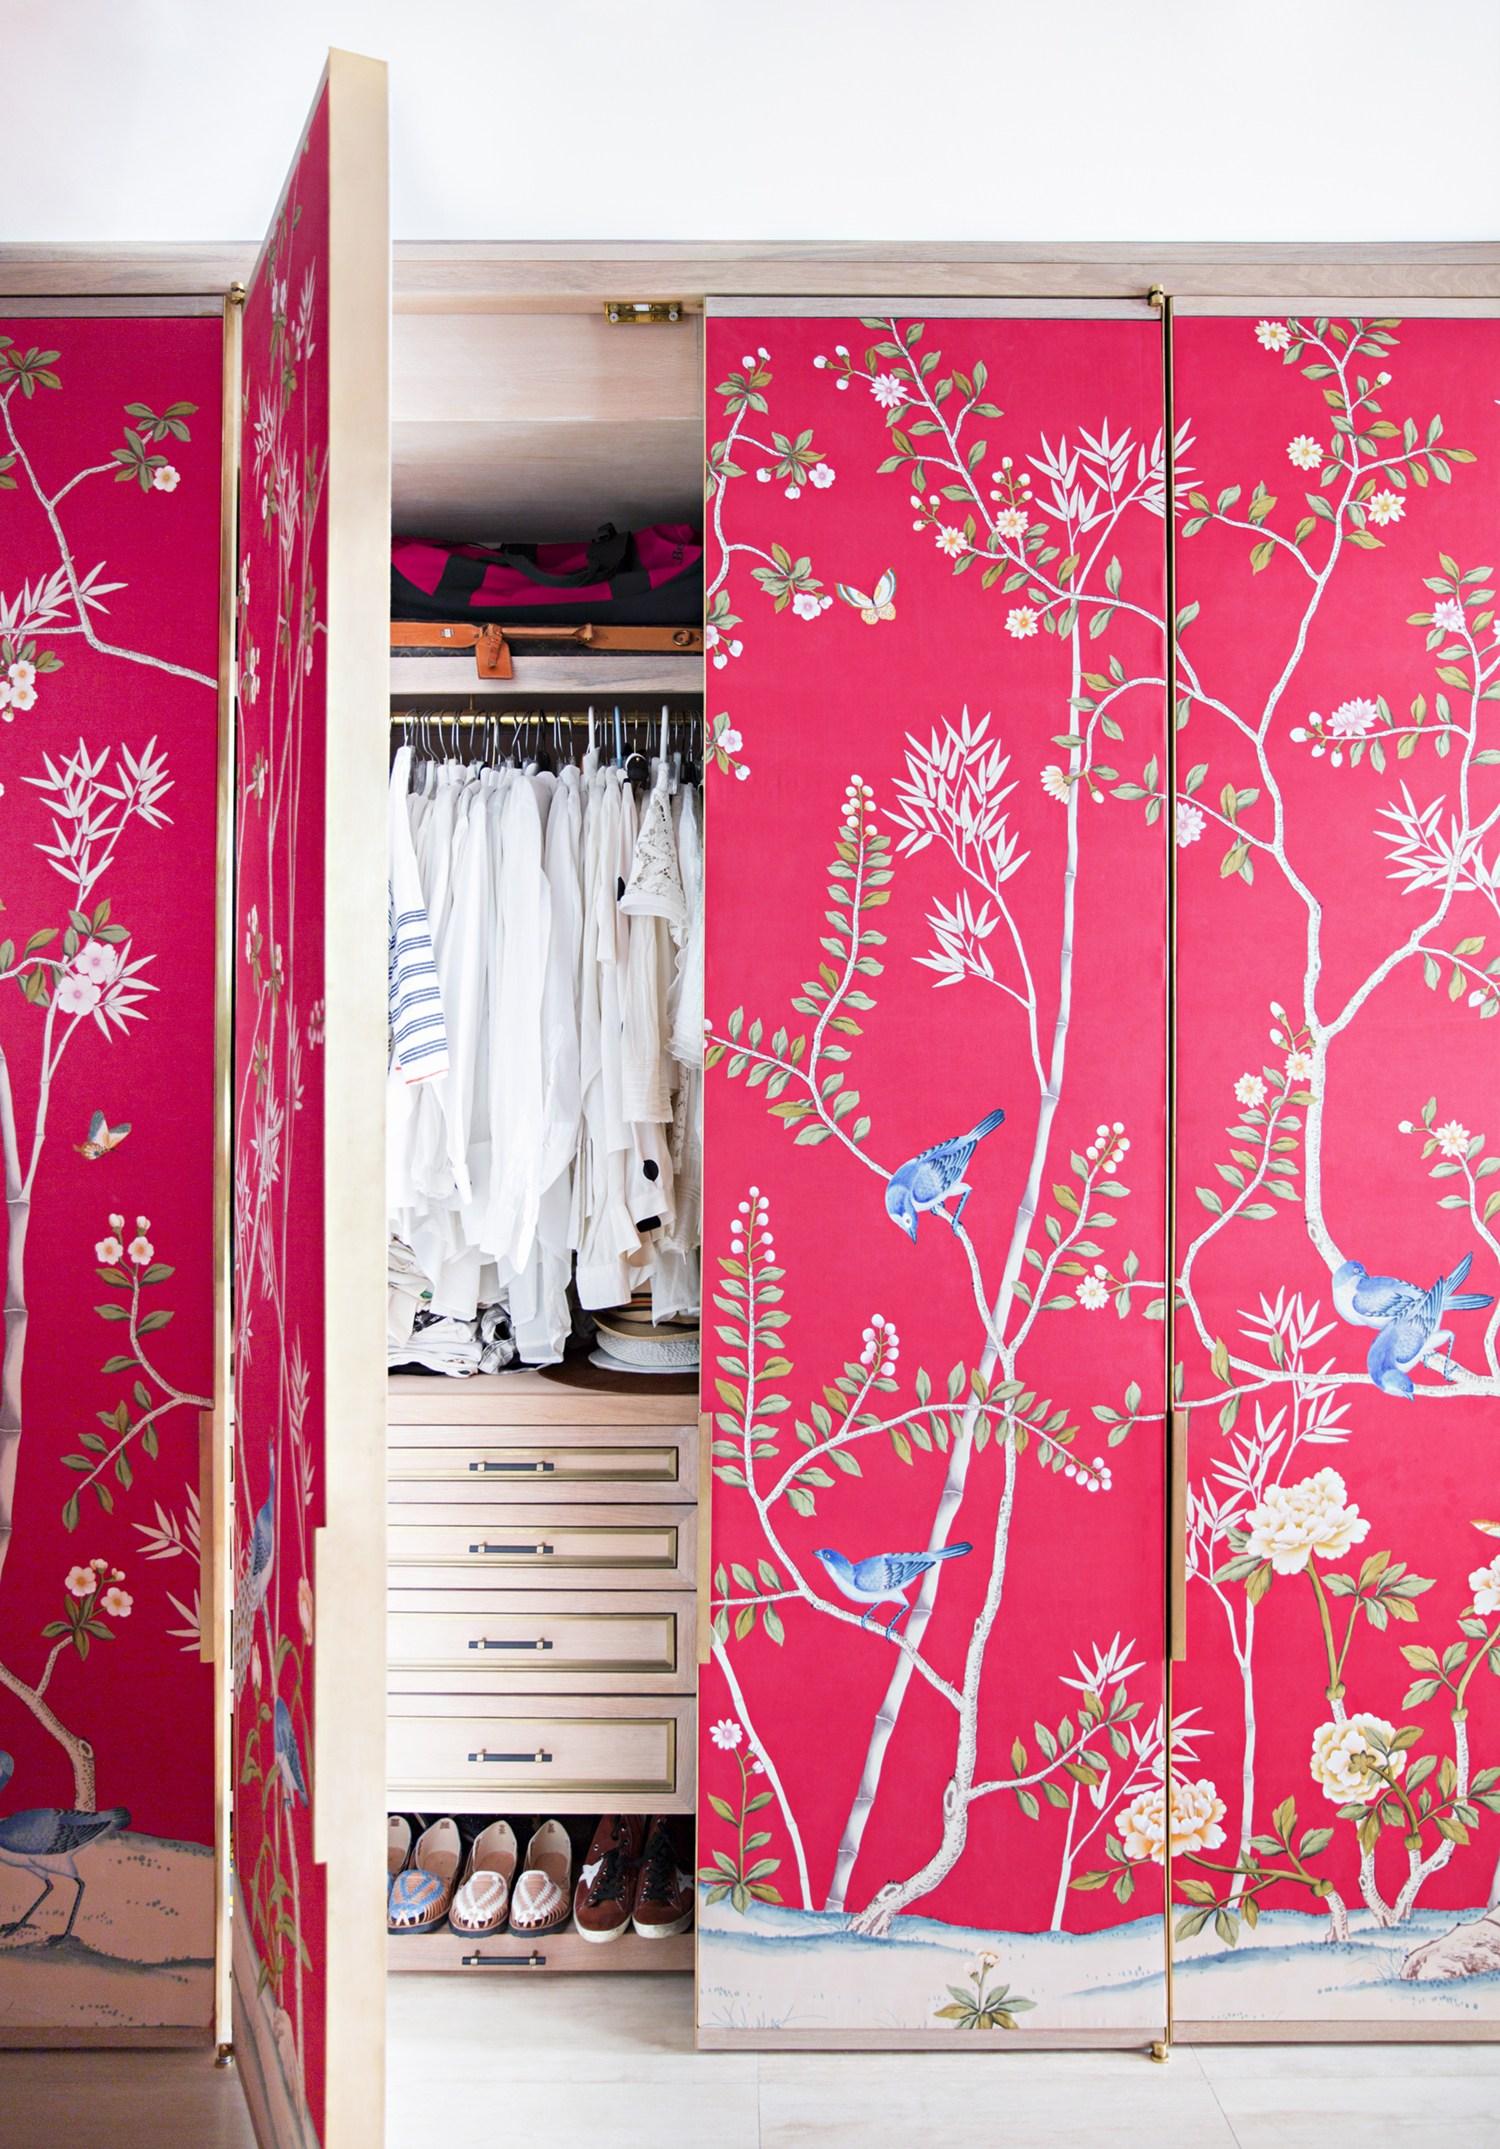 Самостоятельный декор шкафа: основные принципы (21 фото)